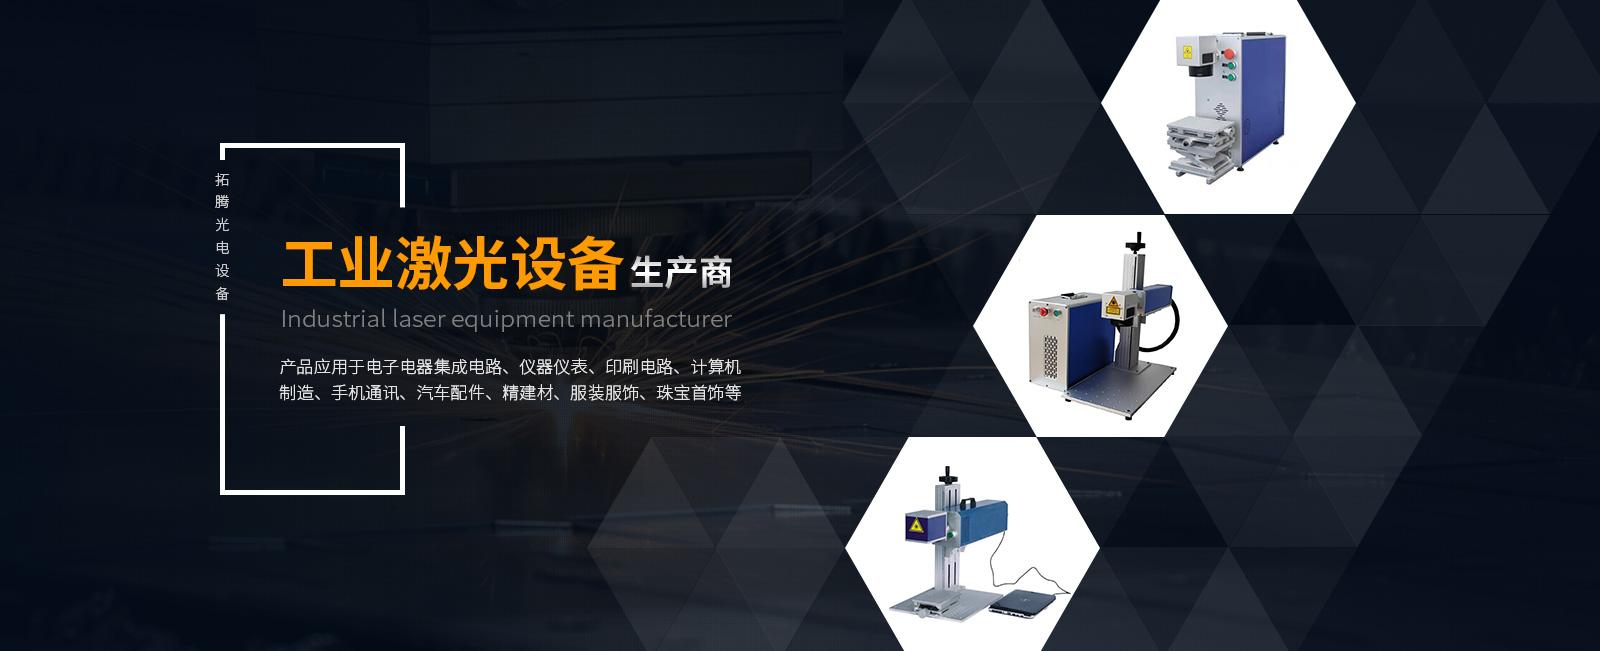 工业激光社保生产商